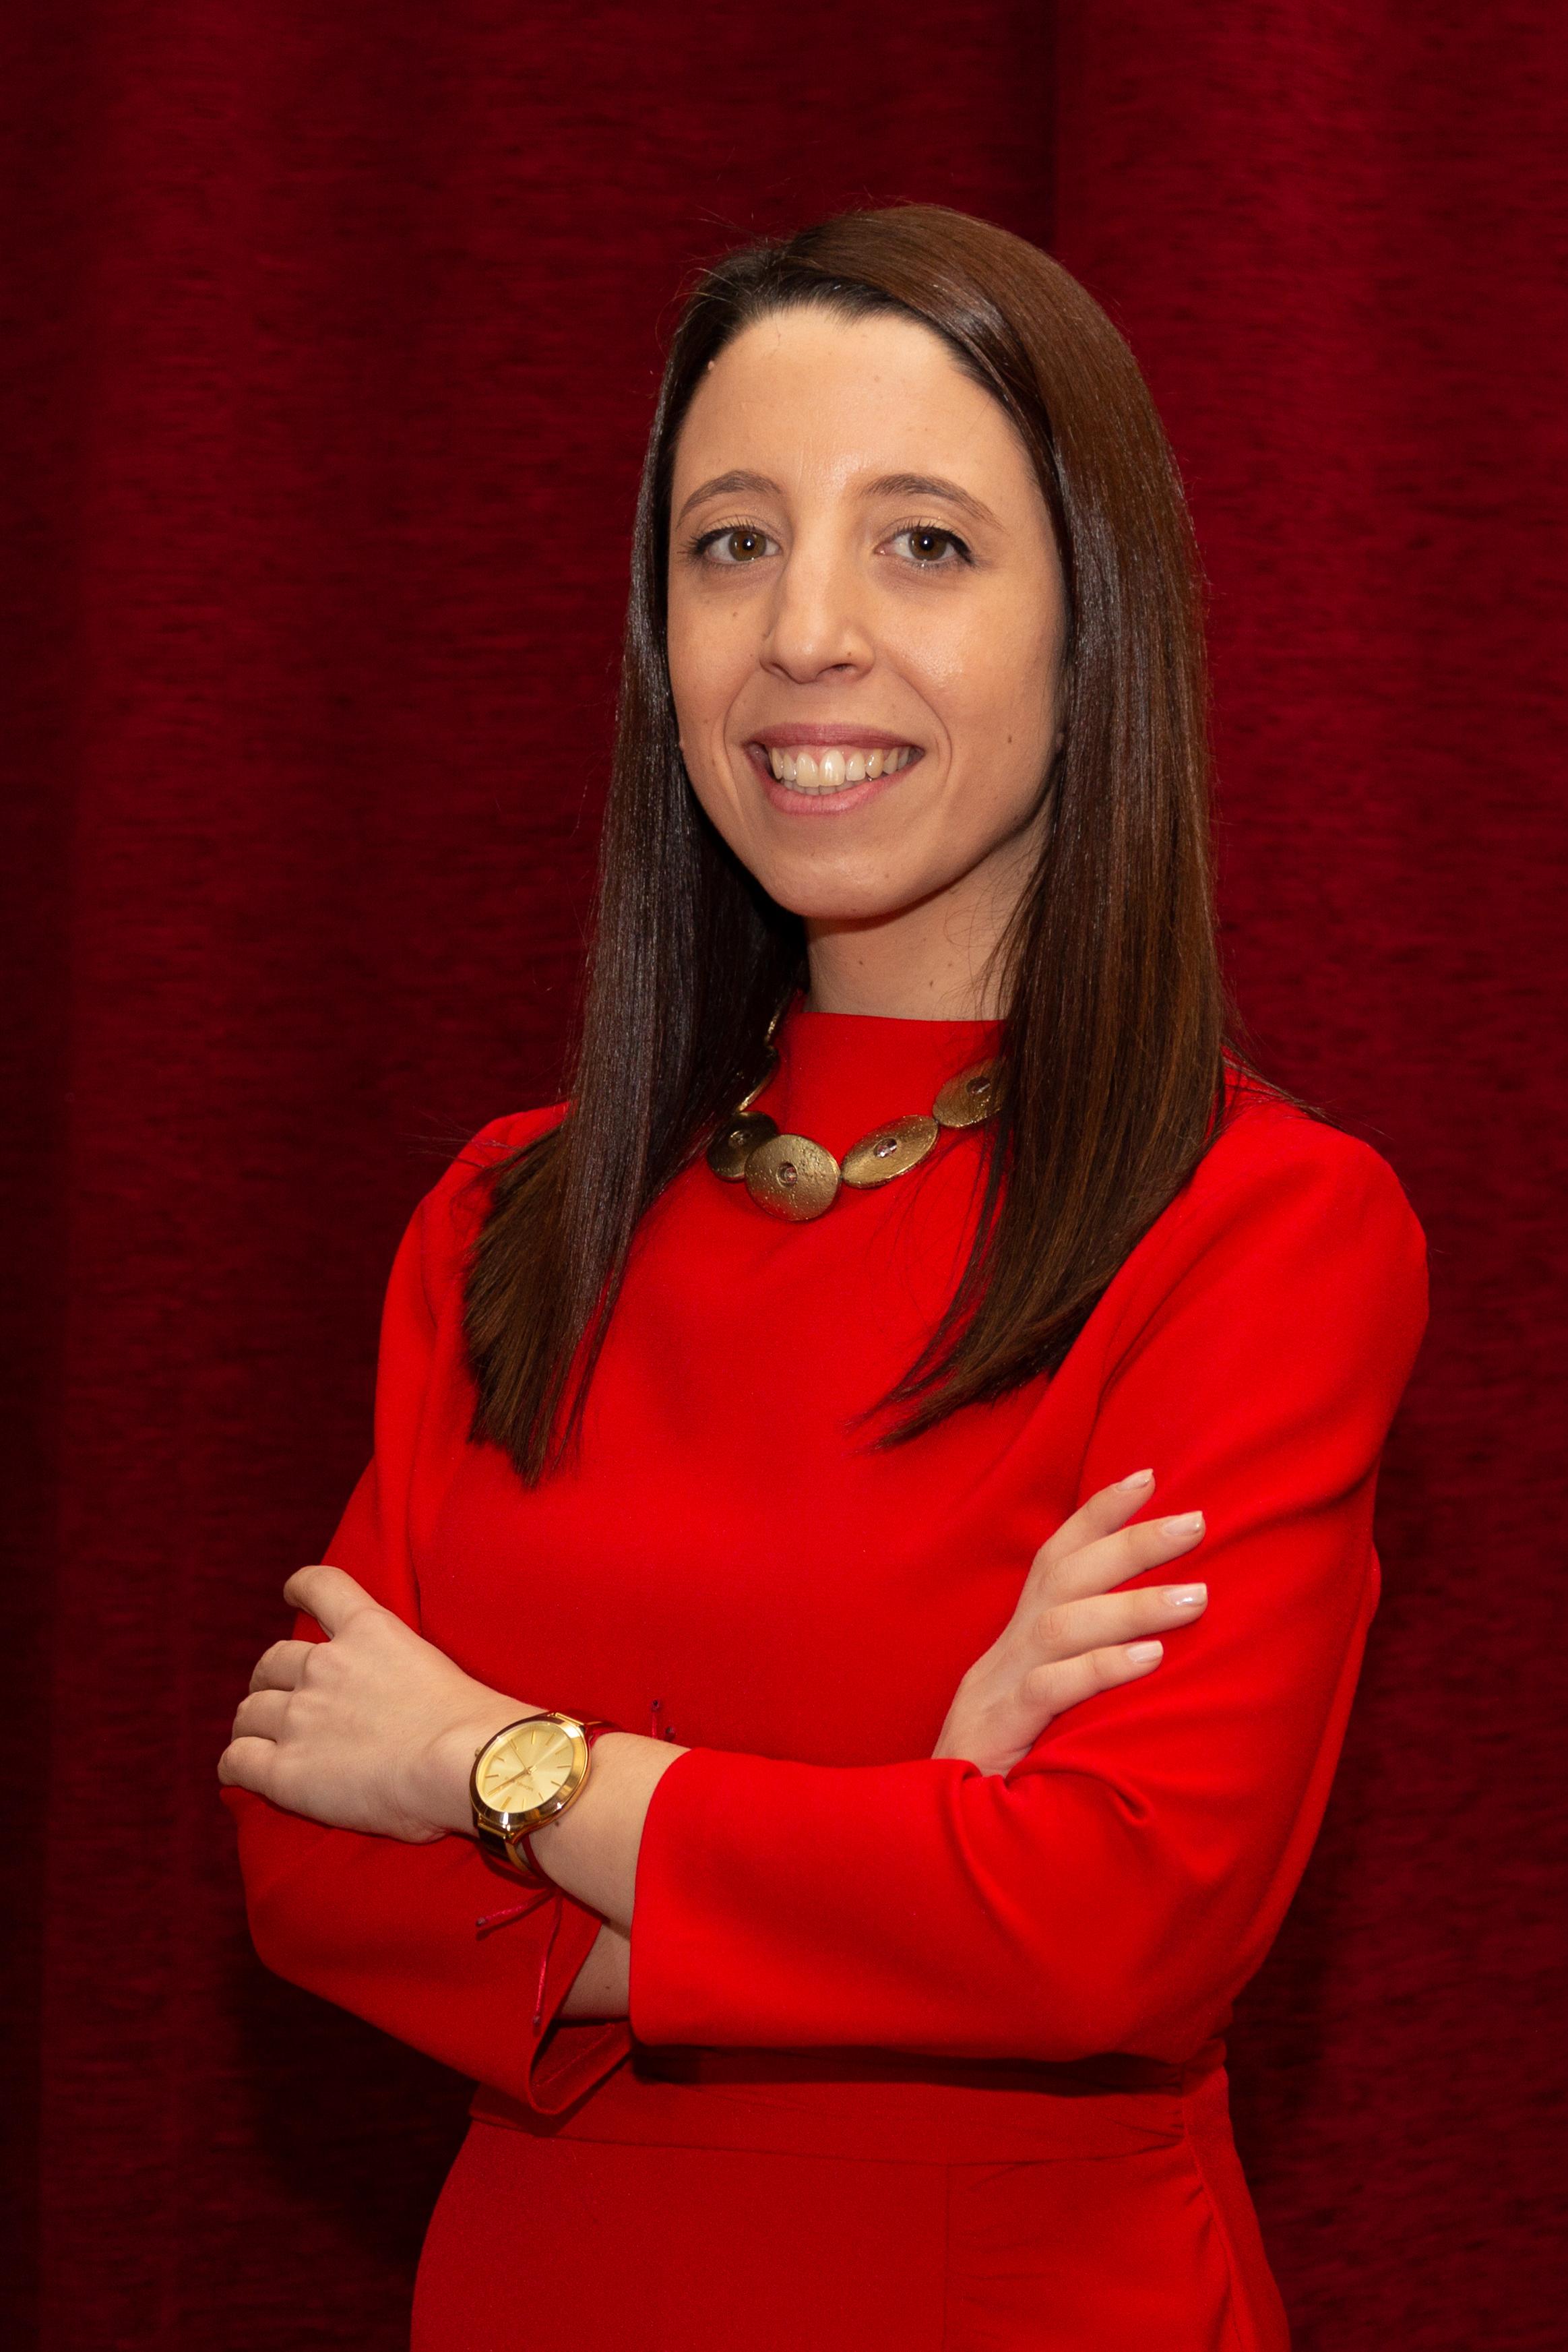 Joana Bárbara Gomes de Freitas